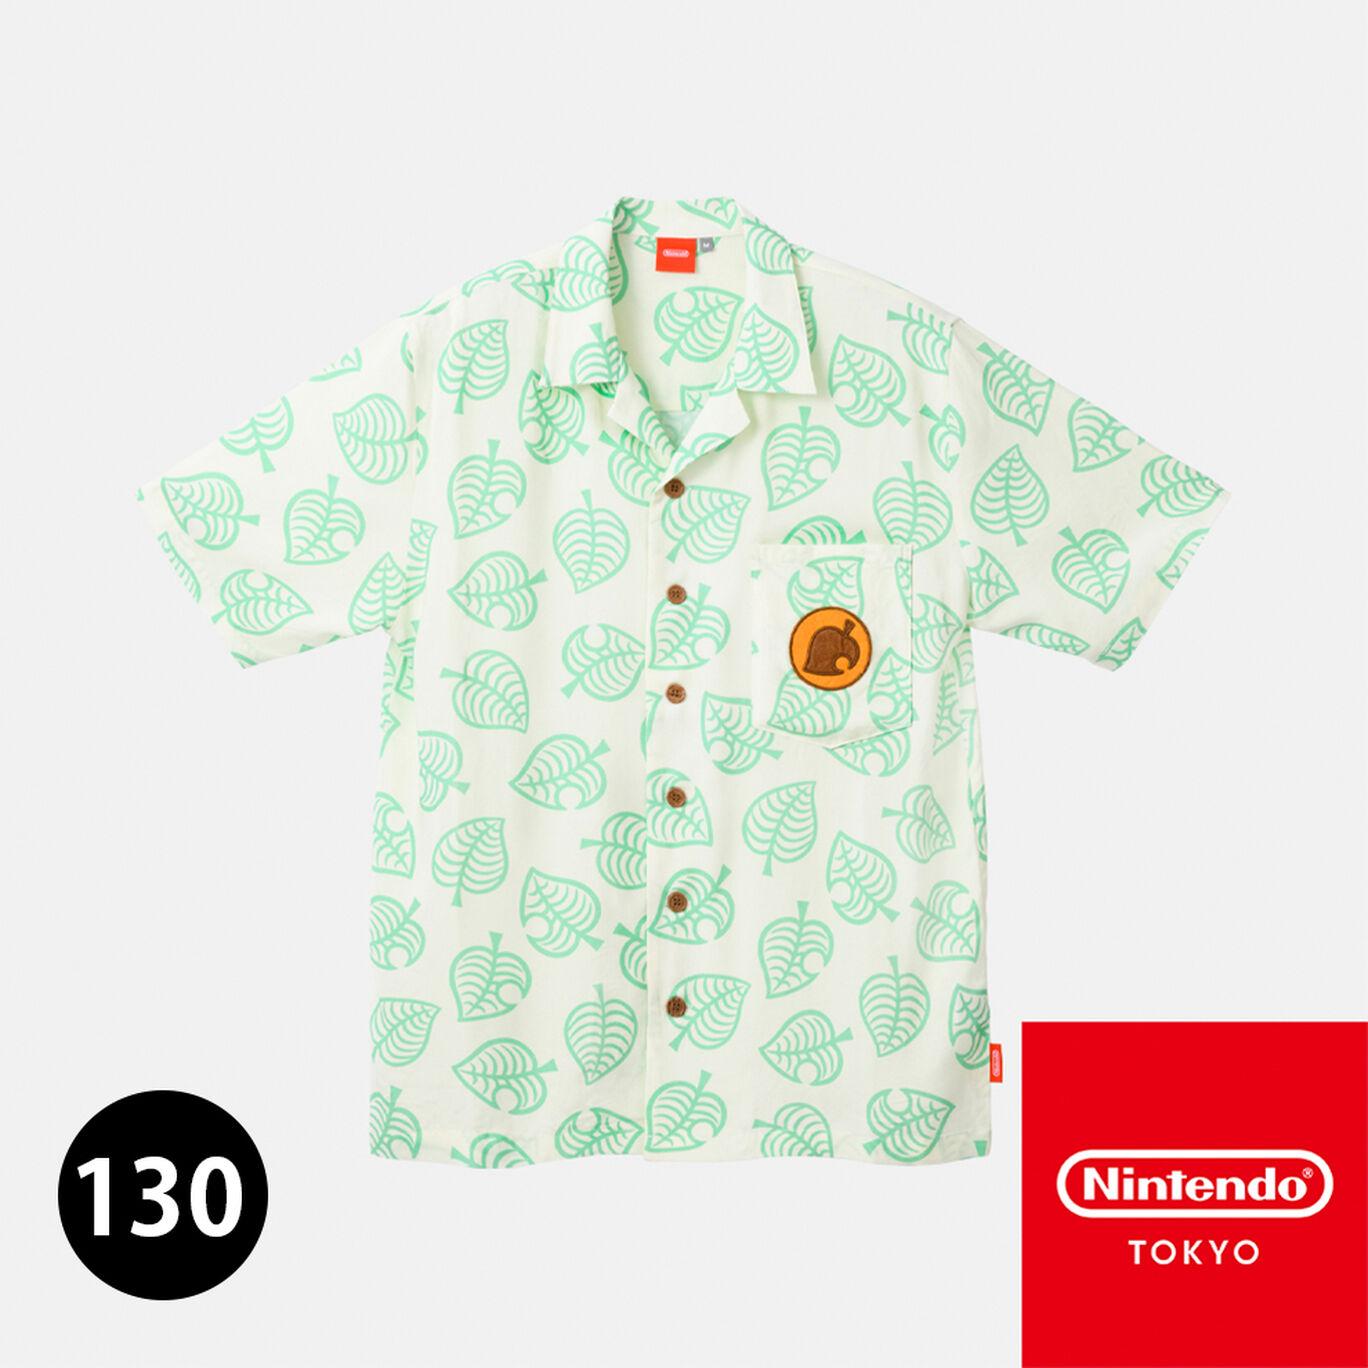 たぬきちのアロハシャツ 130 あつまれ どうぶつの森【Nintendo TOKYO取り扱い商品】